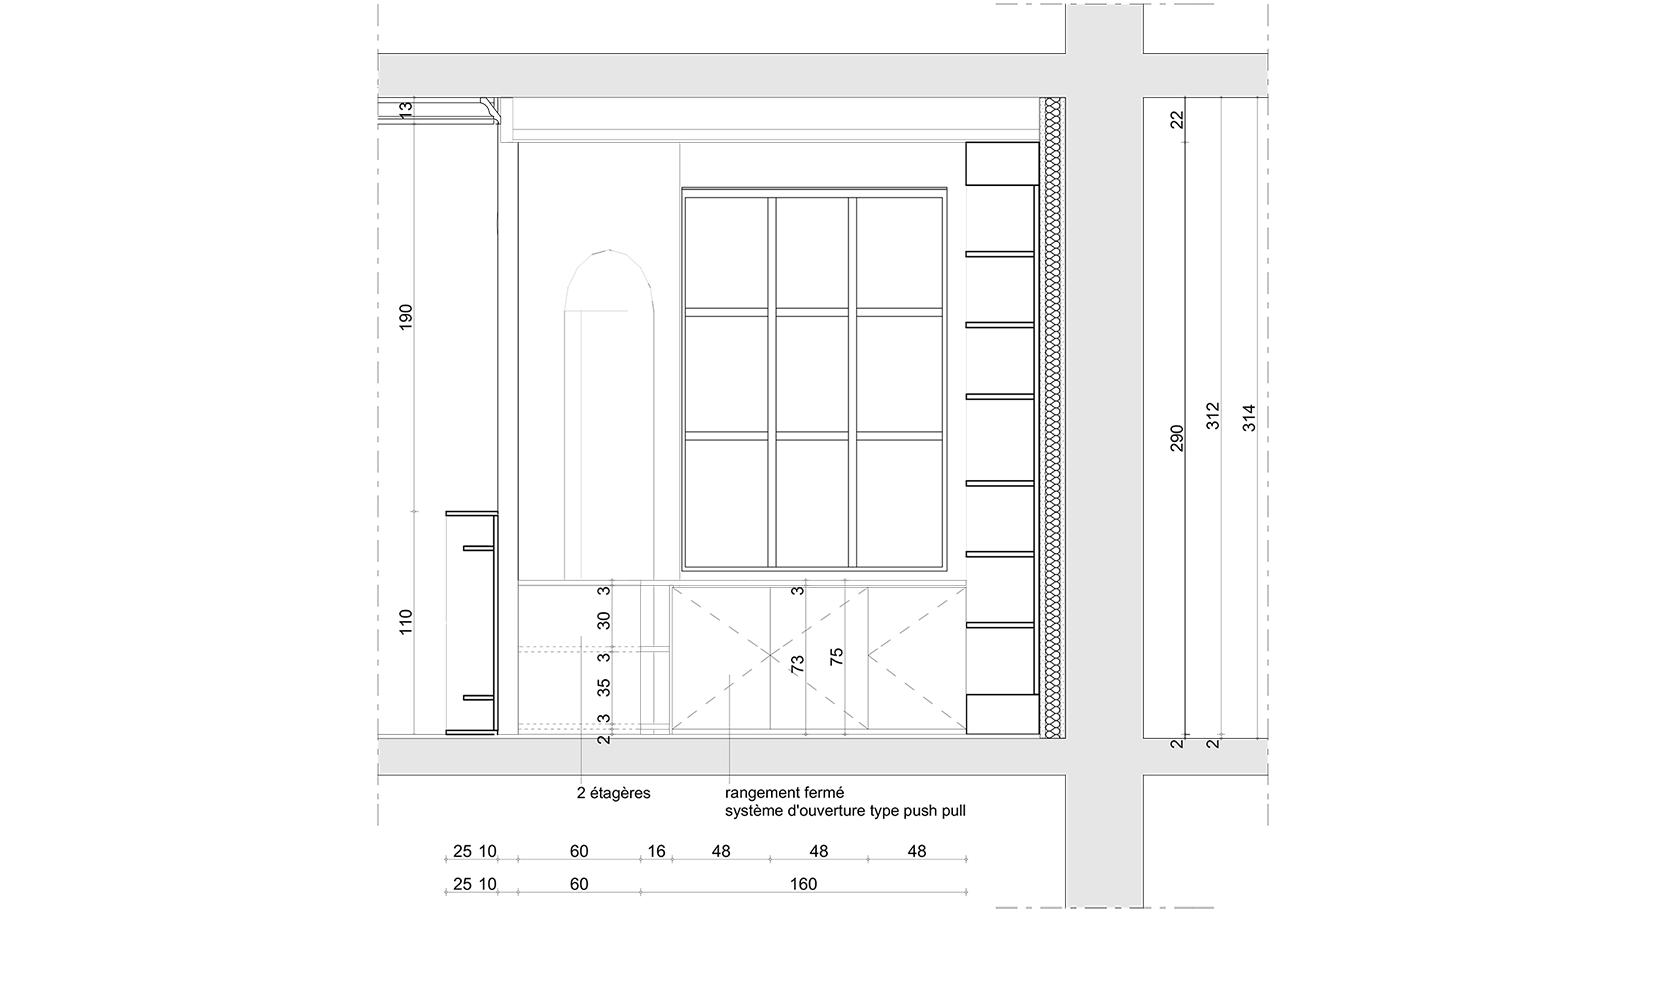 voyageur-noesis-architecture-croquis-dessin-plan